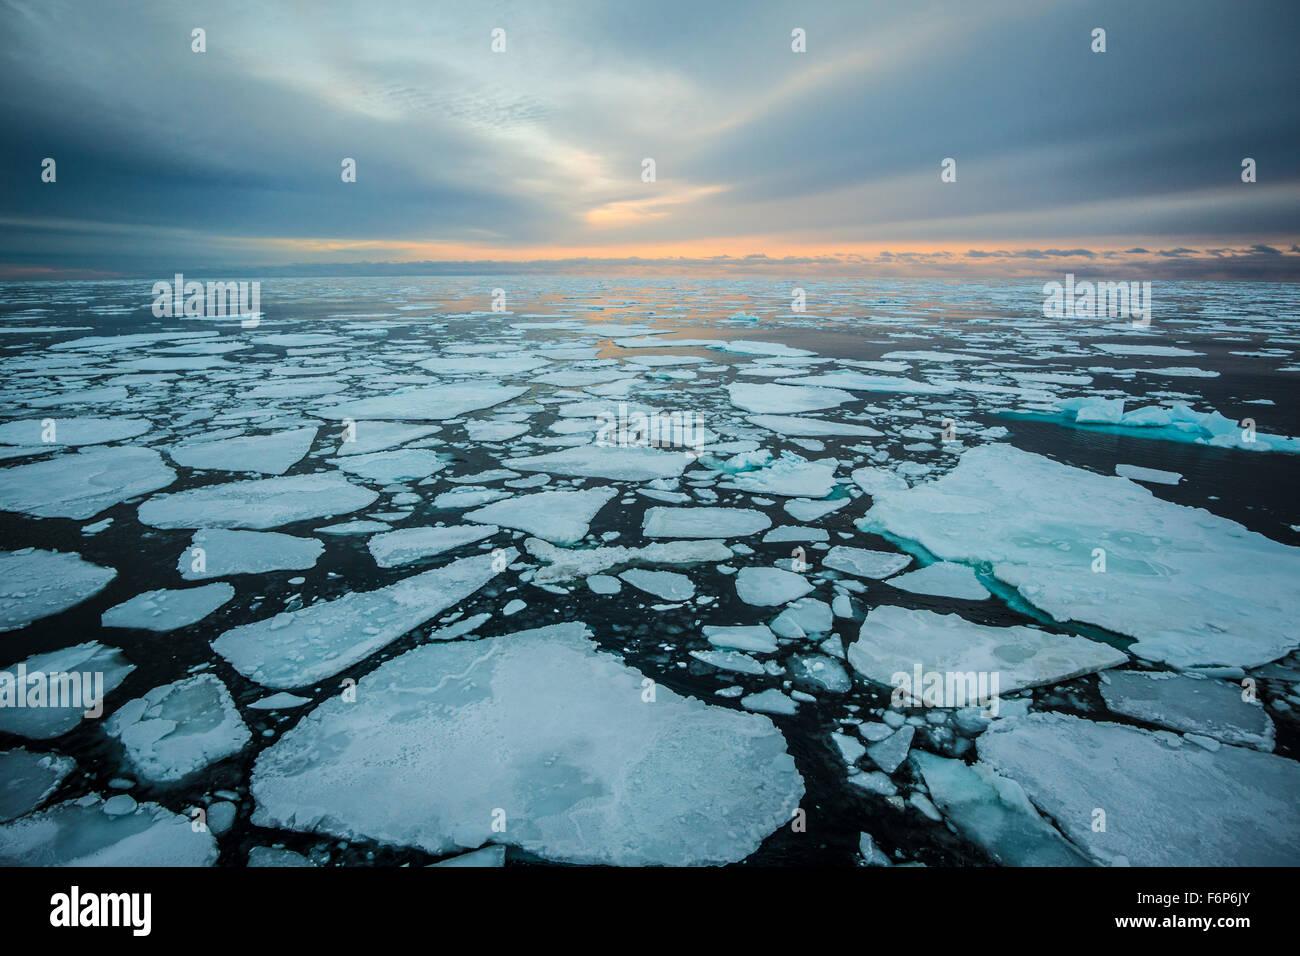 Le lever du soleil sur la glace de mer Photo Stock